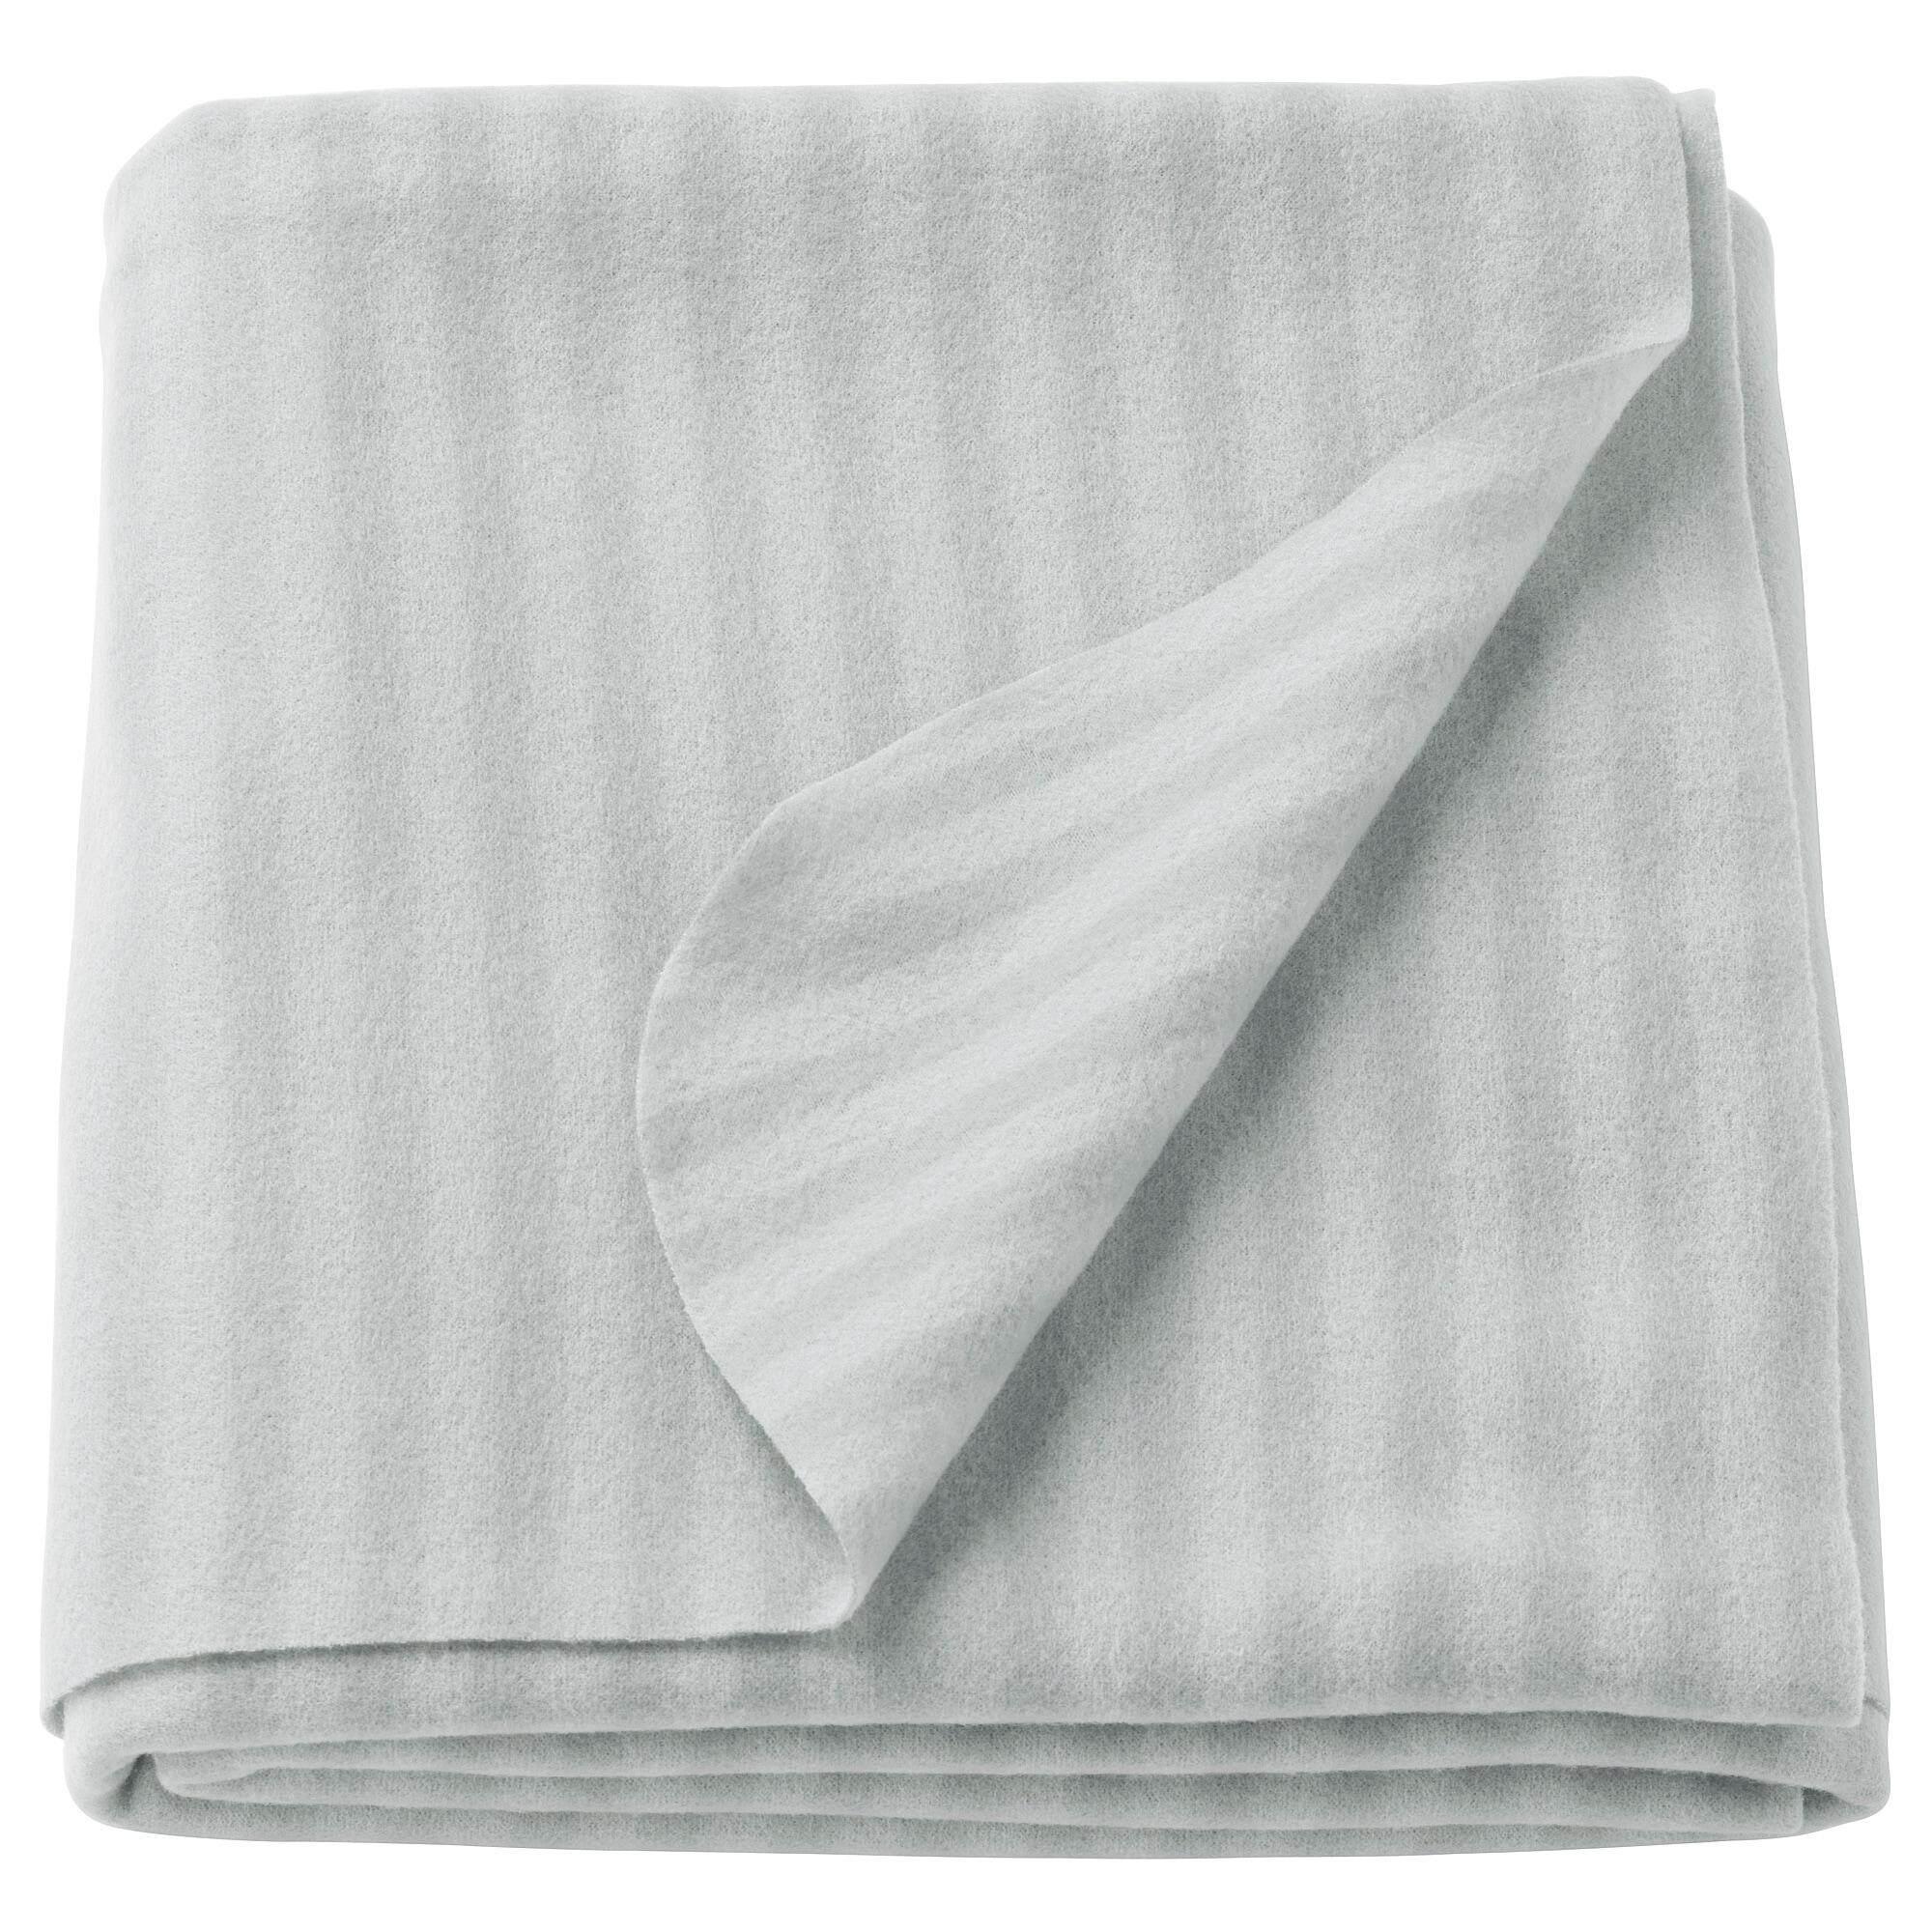 Ikea Vitmossa Blanket Throw (120x160cm) By Ikea Runner My.